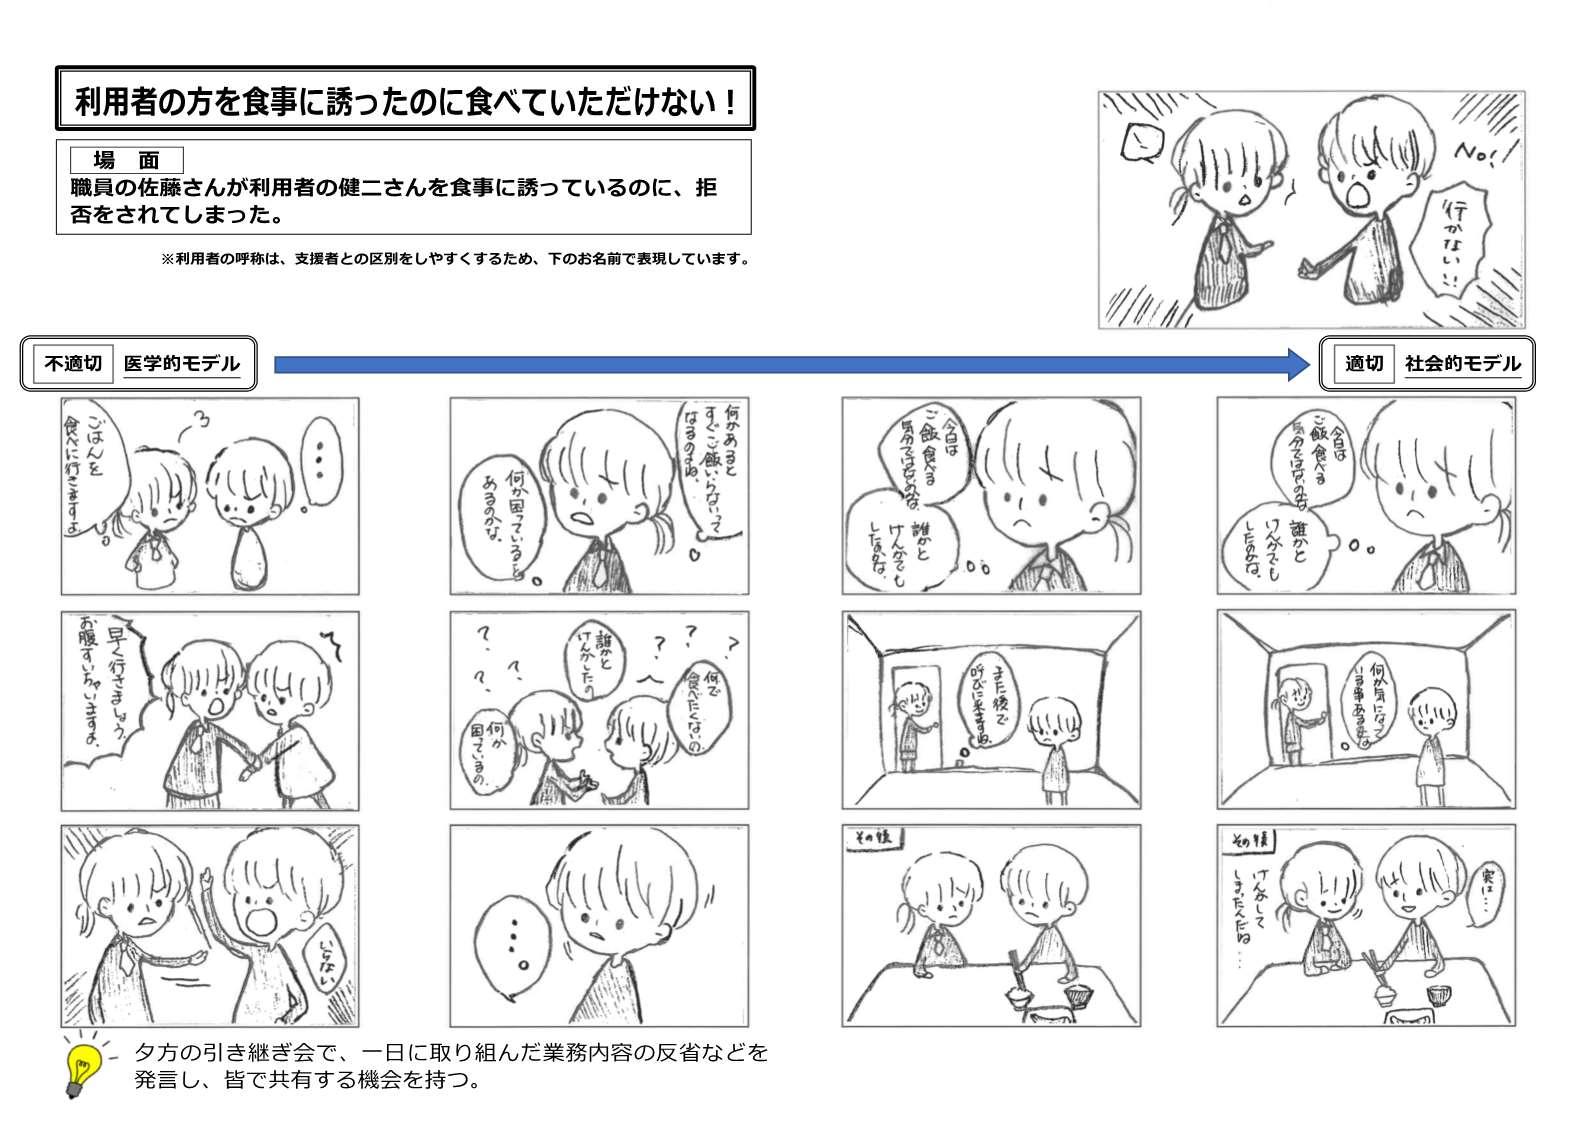 08絵コンテ(利用者の~)